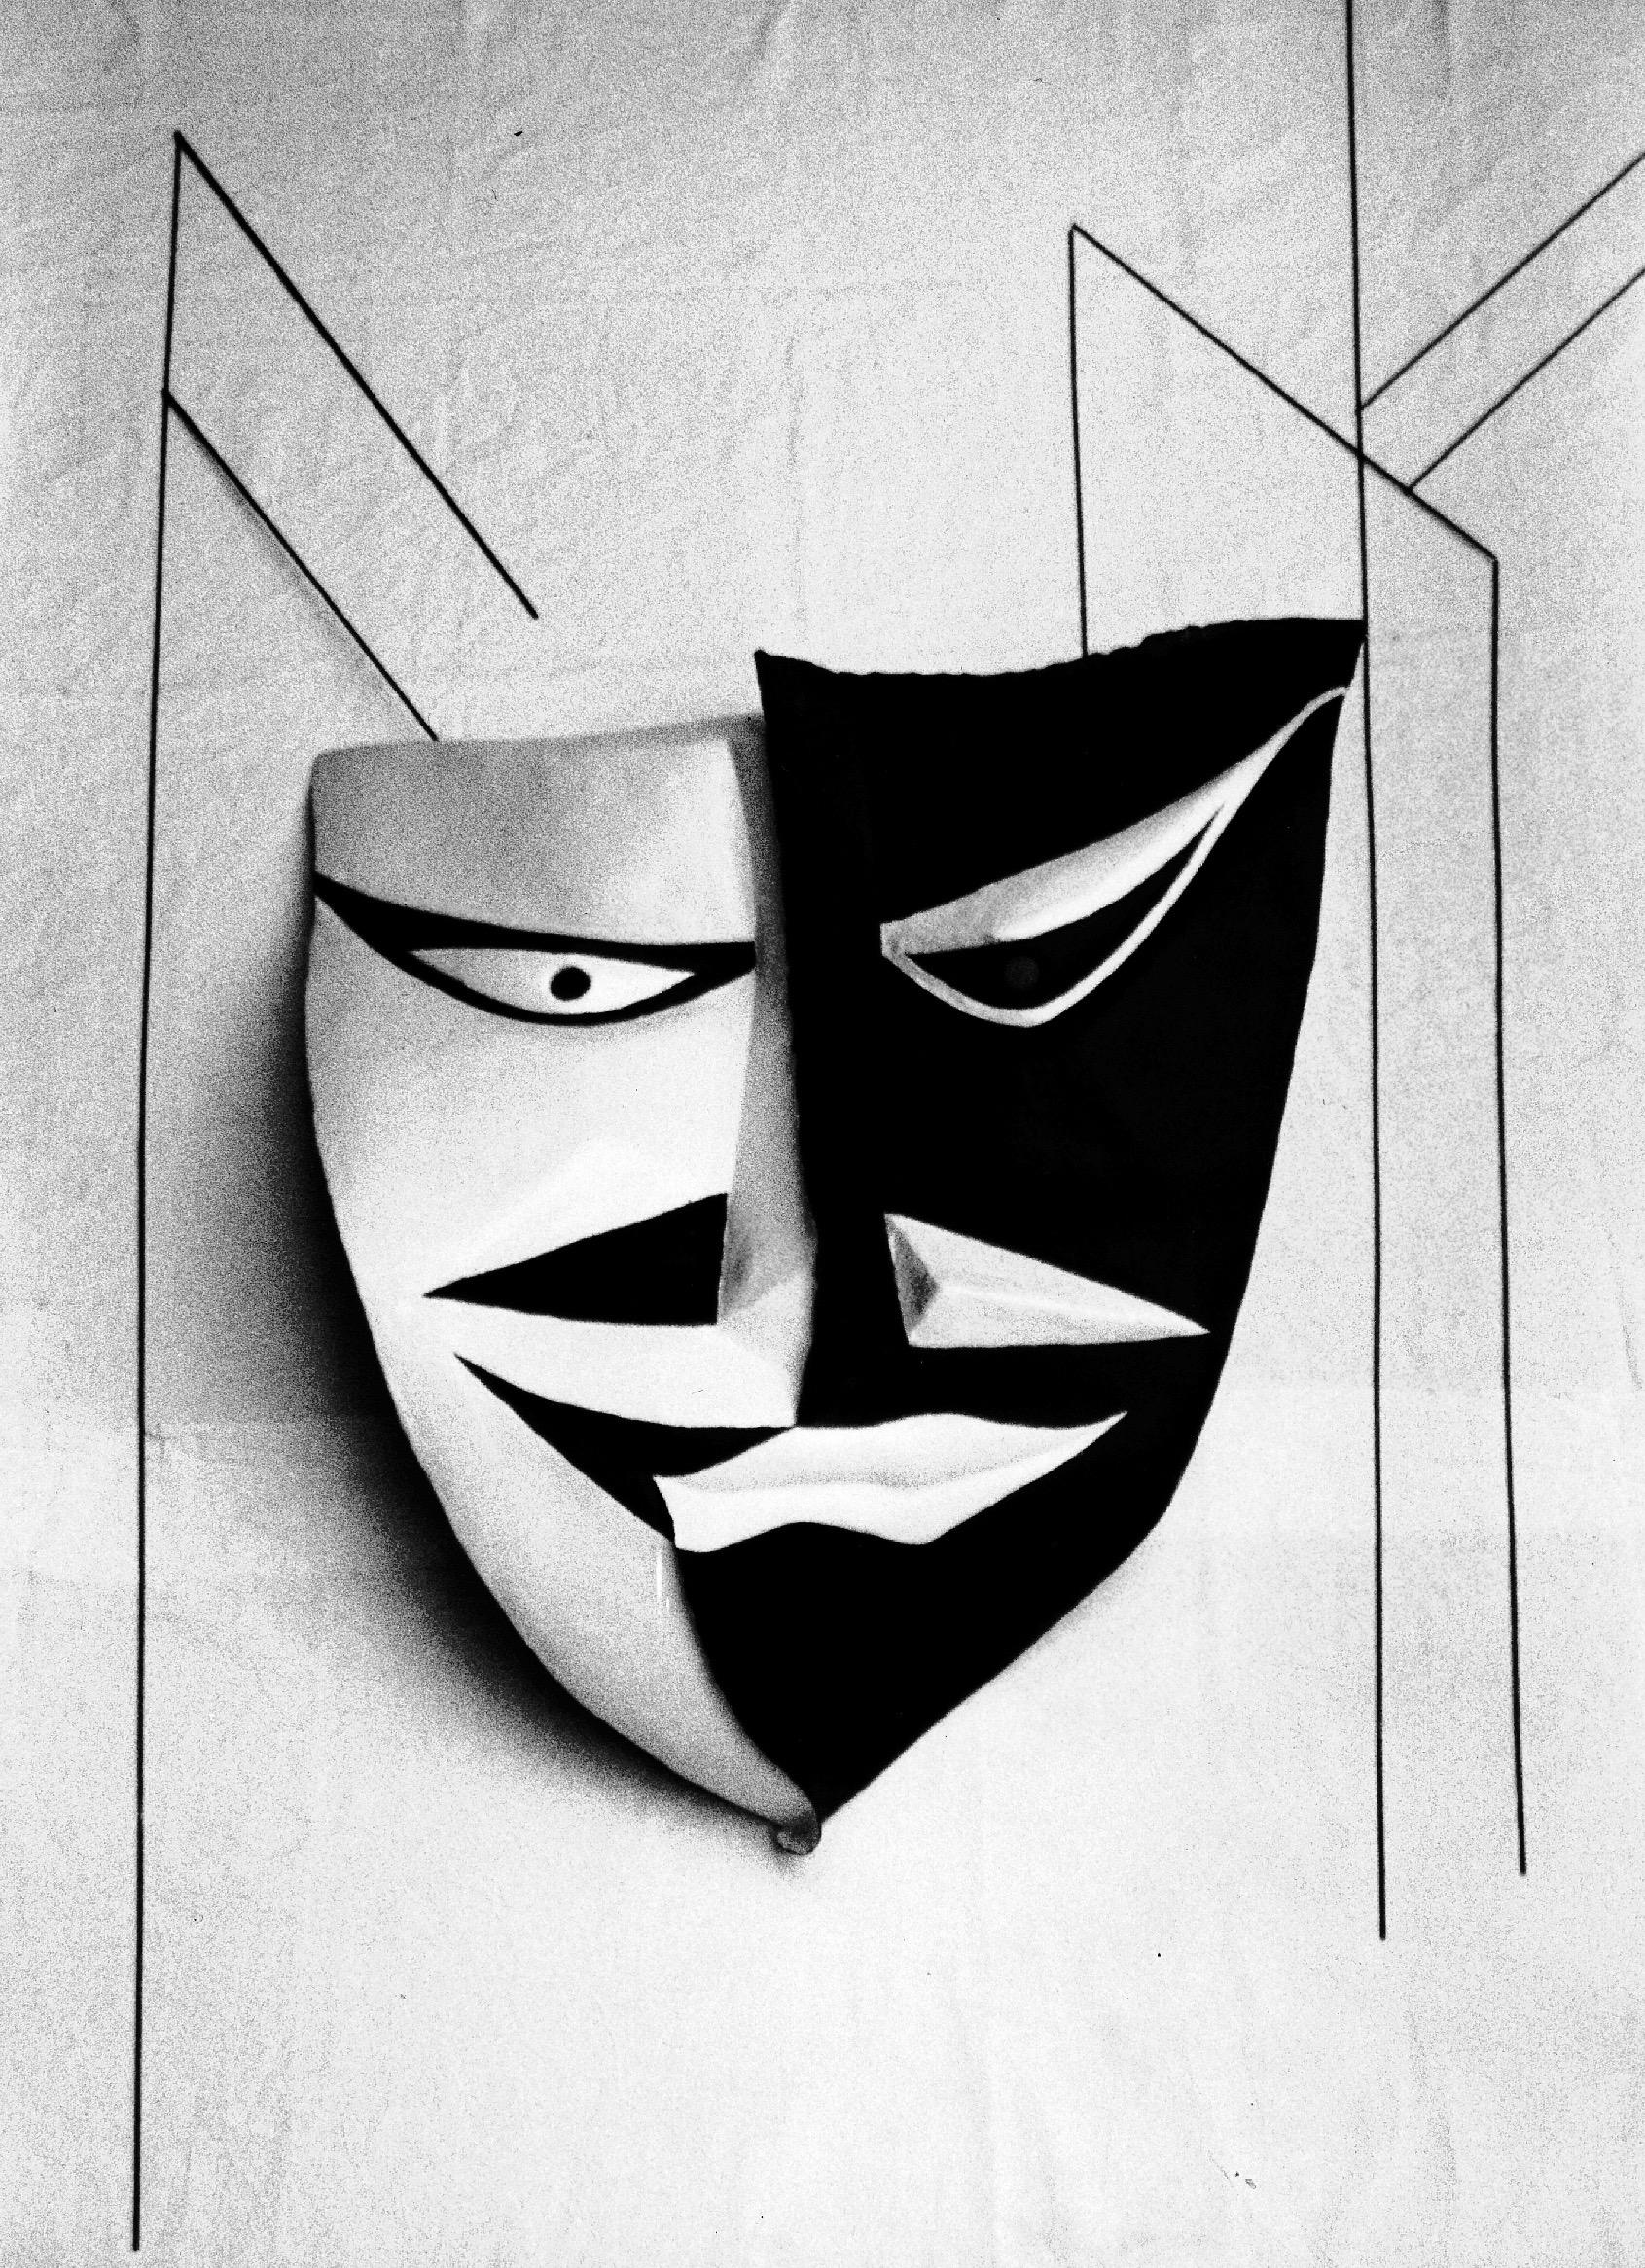 #1. Maske1